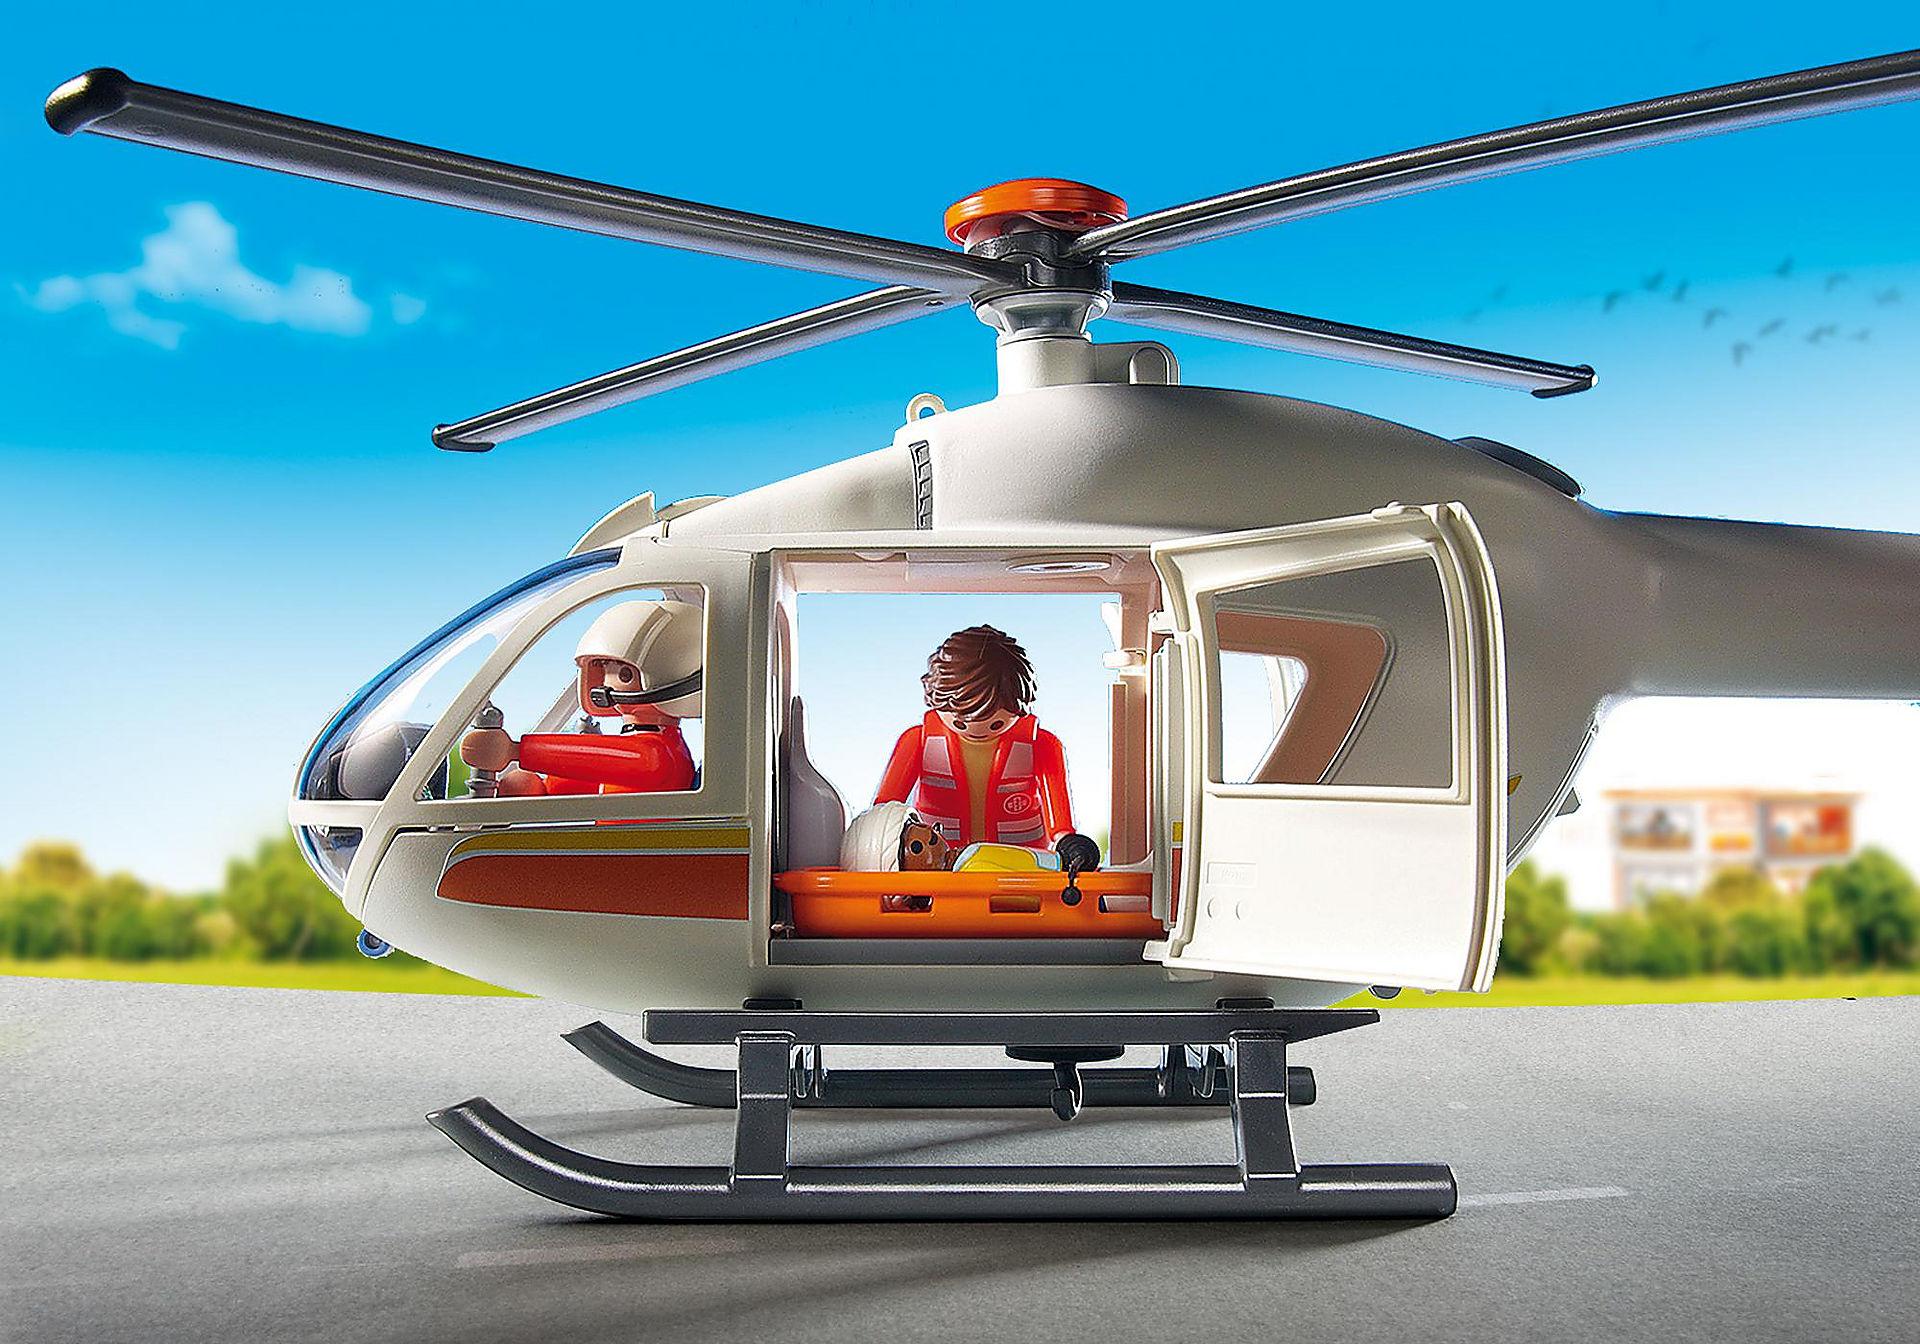 http://media.playmobil.com/i/playmobil/6686_product_extra3/Hélicoptère médical